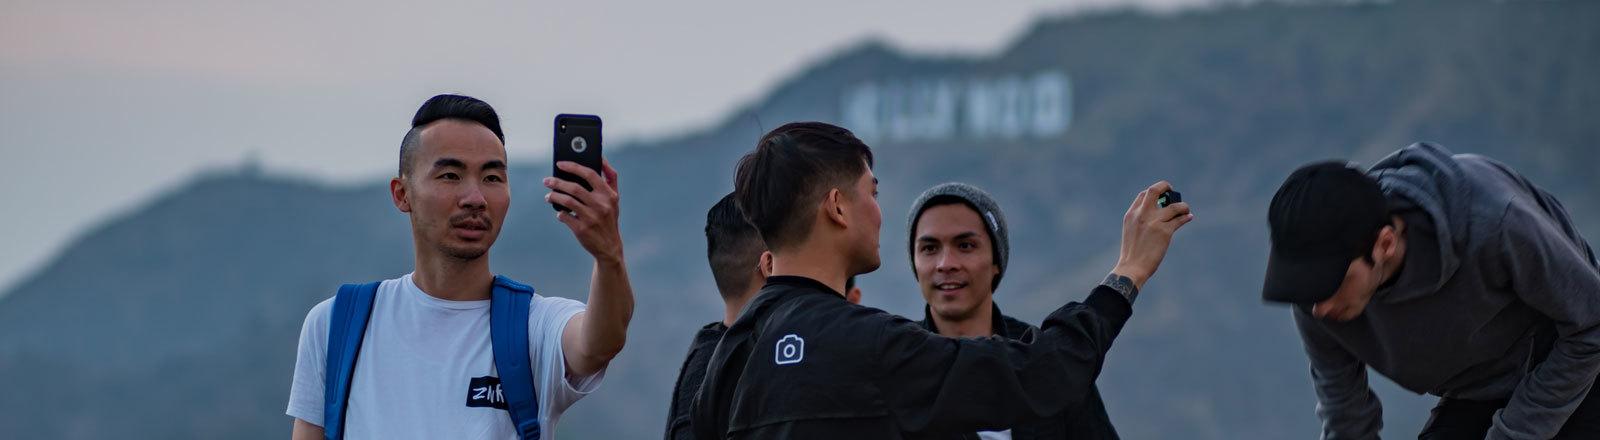 Touristen fotografieren sich vor dem Hollywood Zeichen